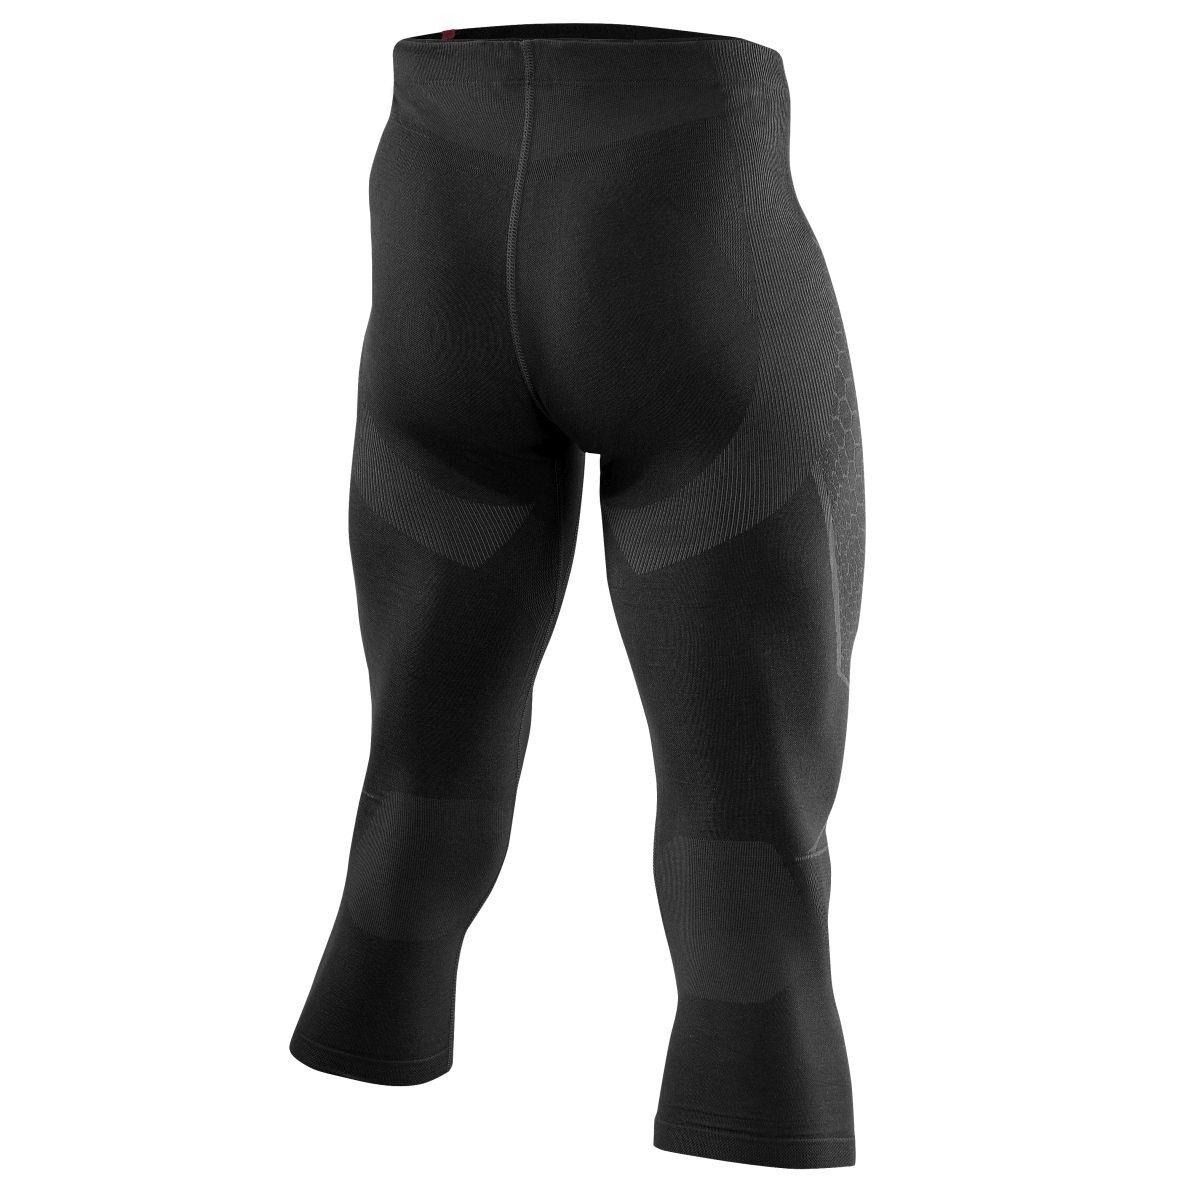 Löffler Unterhose 3 4 Transtex warm Skiunterwäsche black